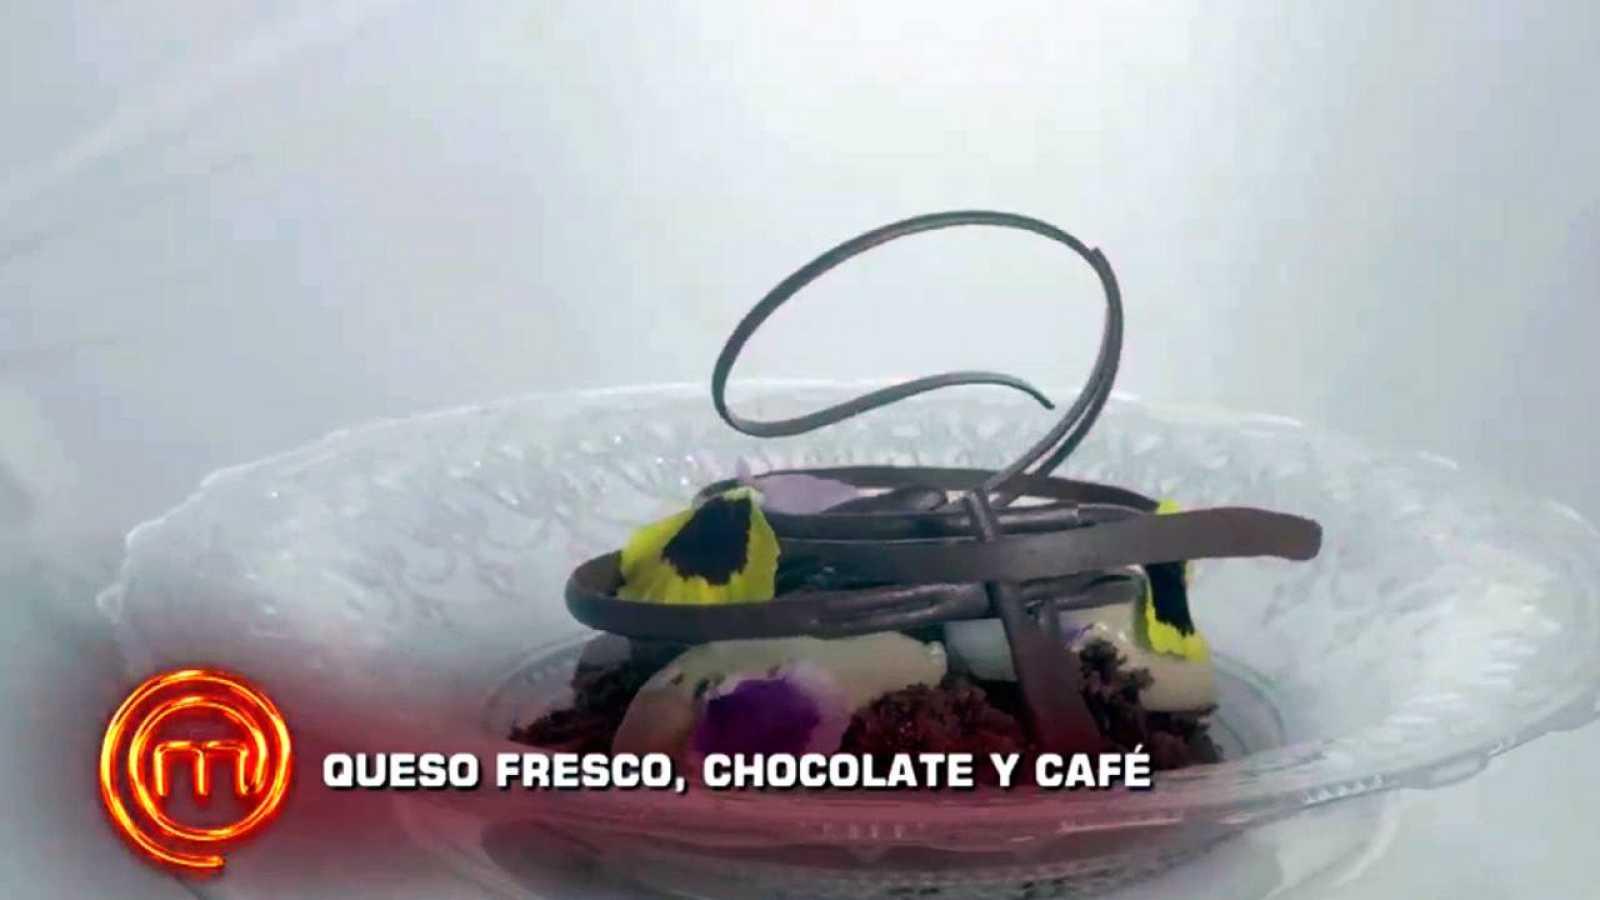 Postre de queso, café y chocolate